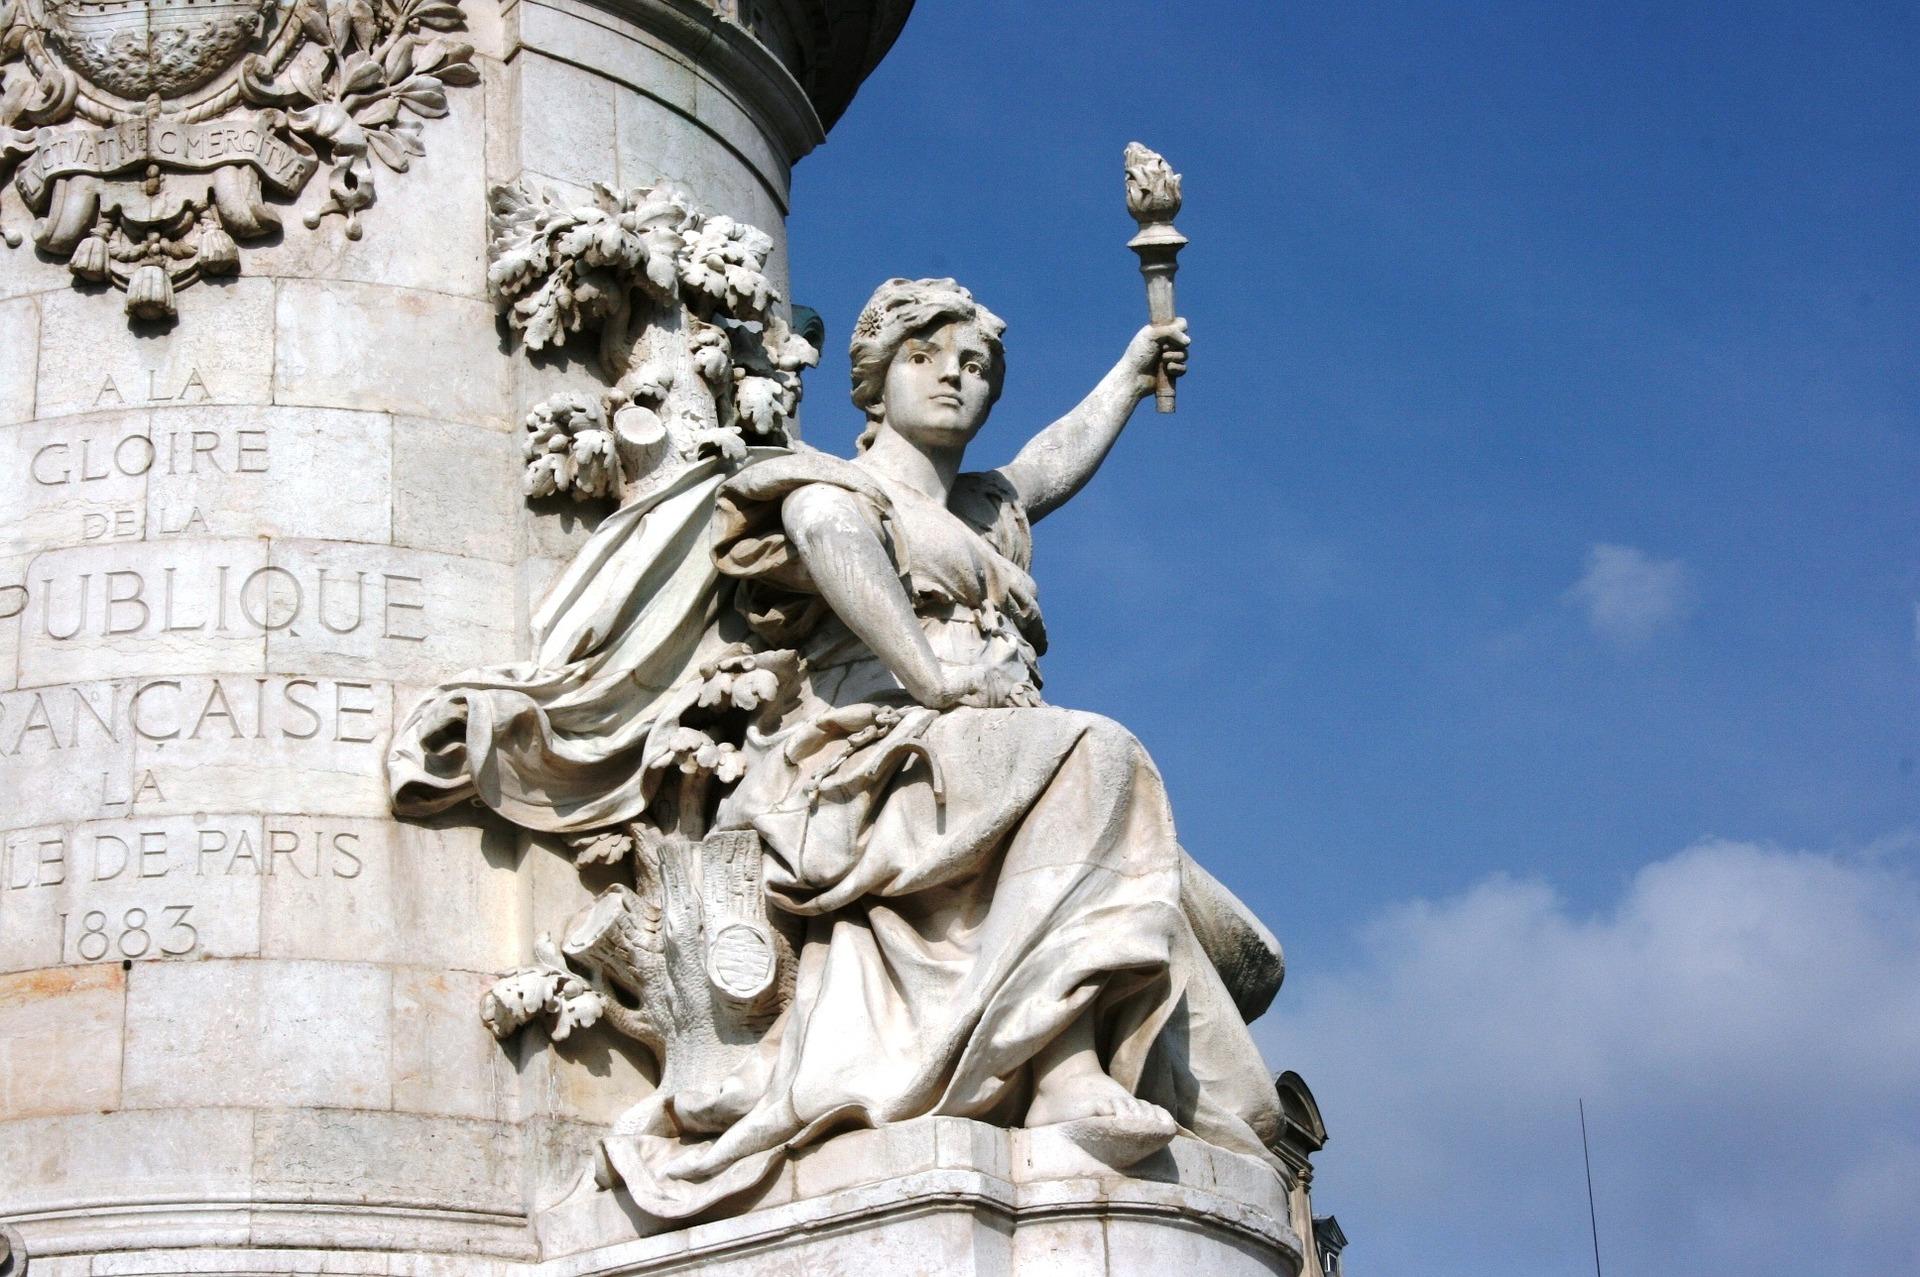 11e arrondissement de paris